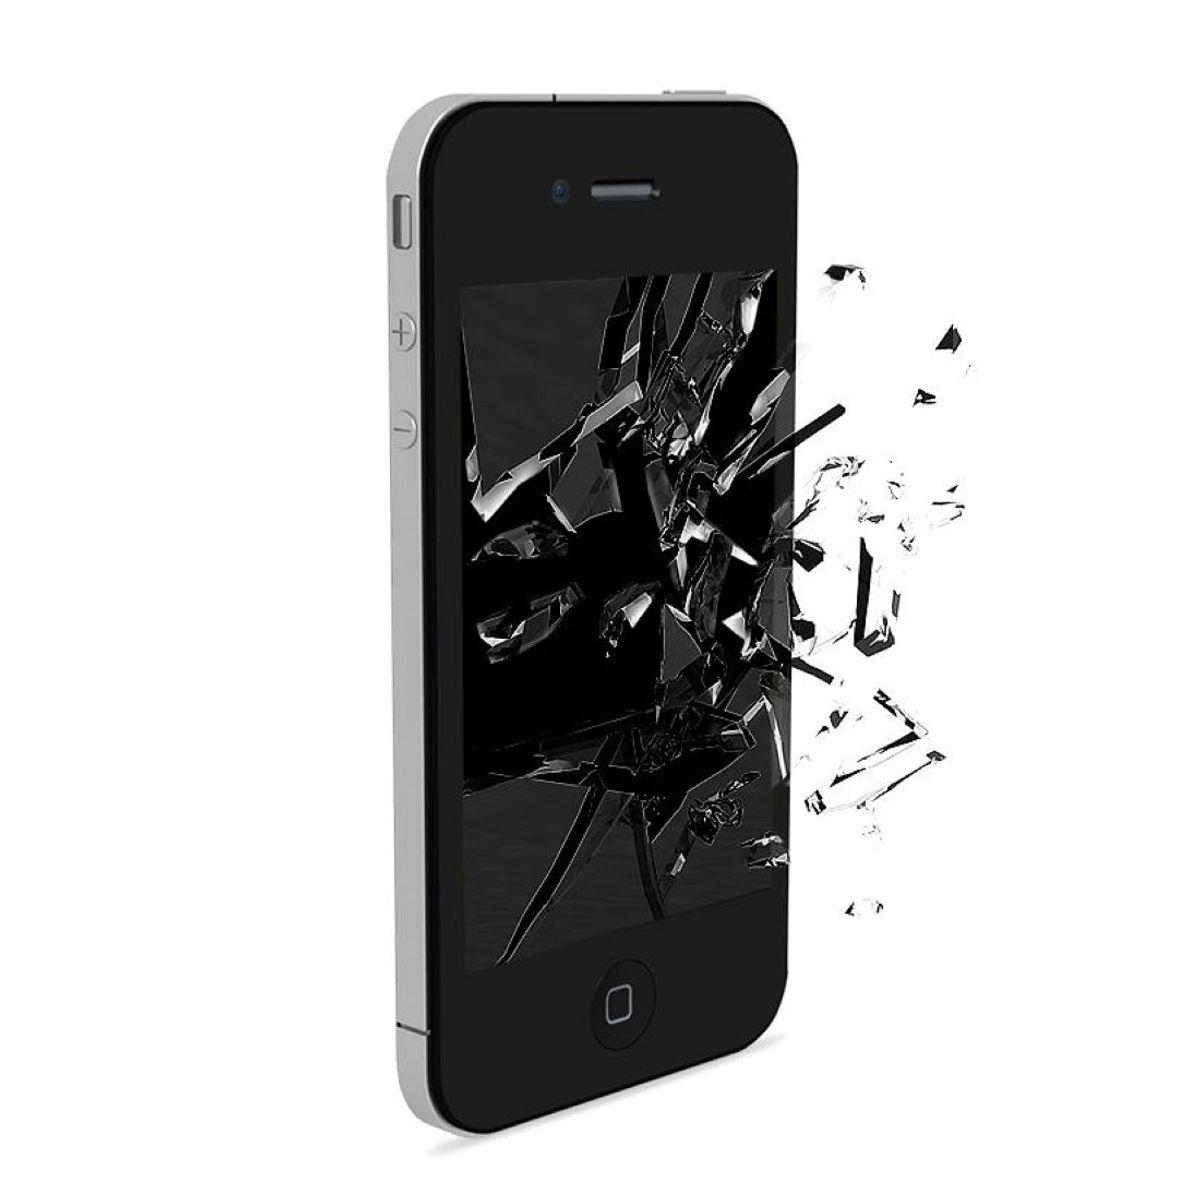 Iphone startet nach display wechsel immer neu